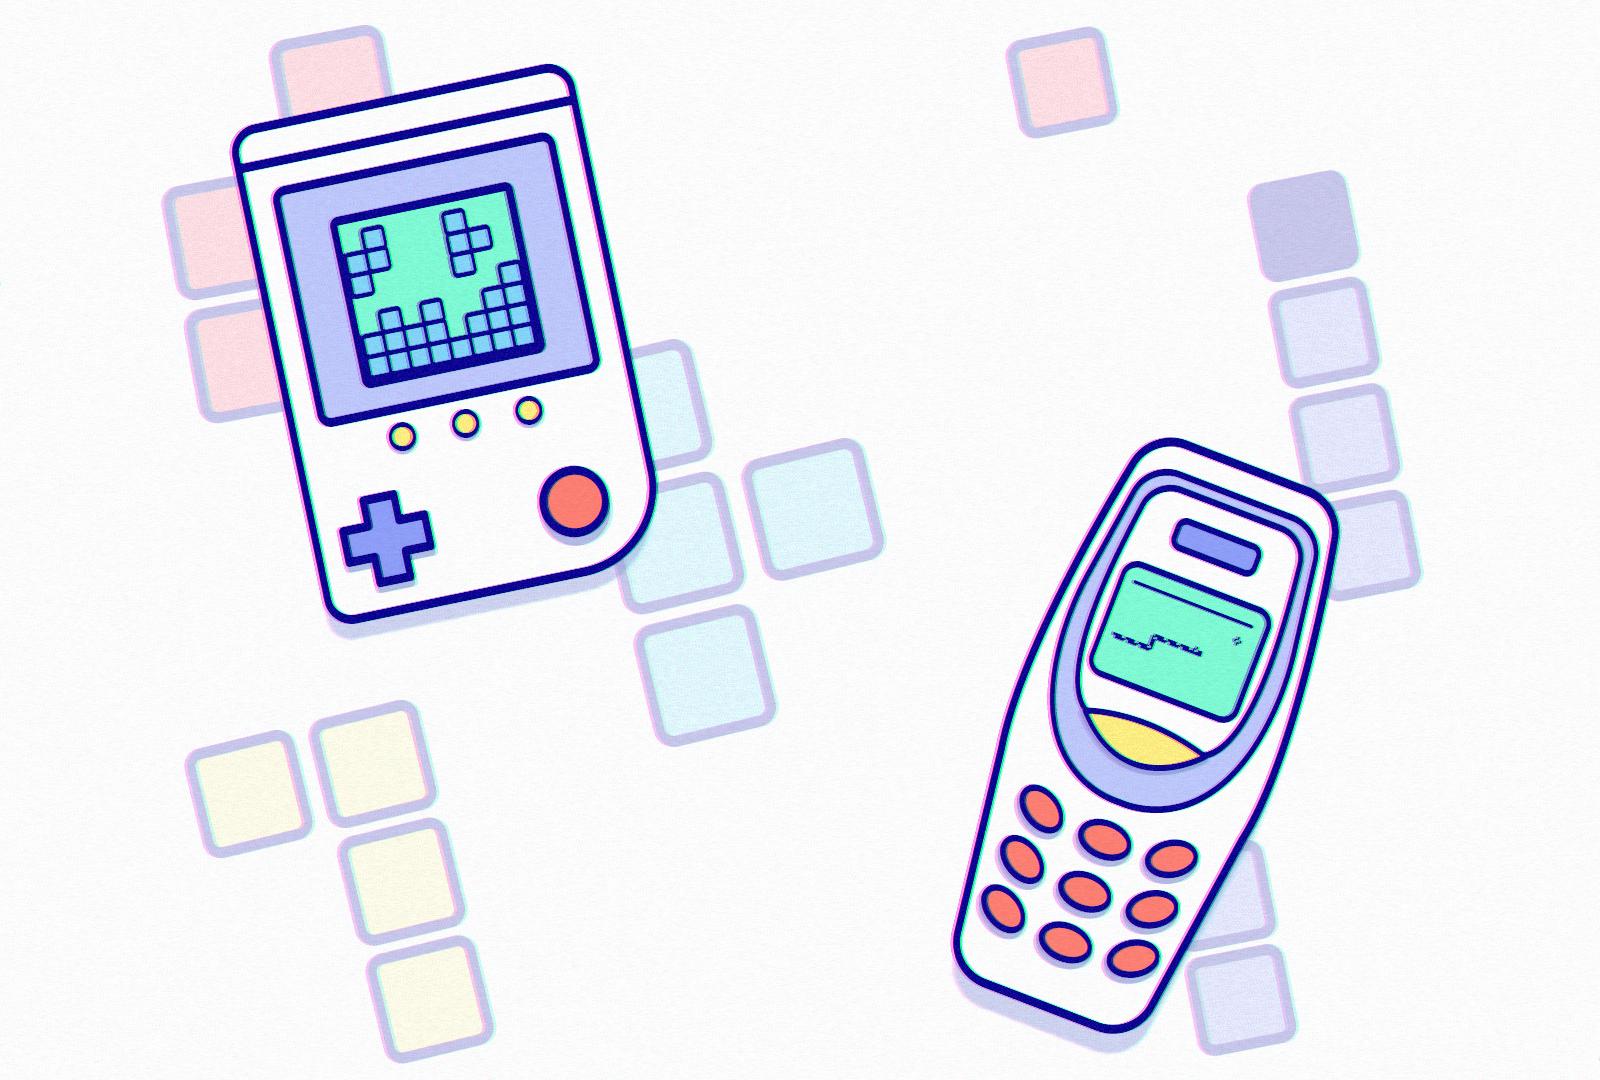 История мобильных игр. Первые мобильные игры: Тетрис и Змейка.